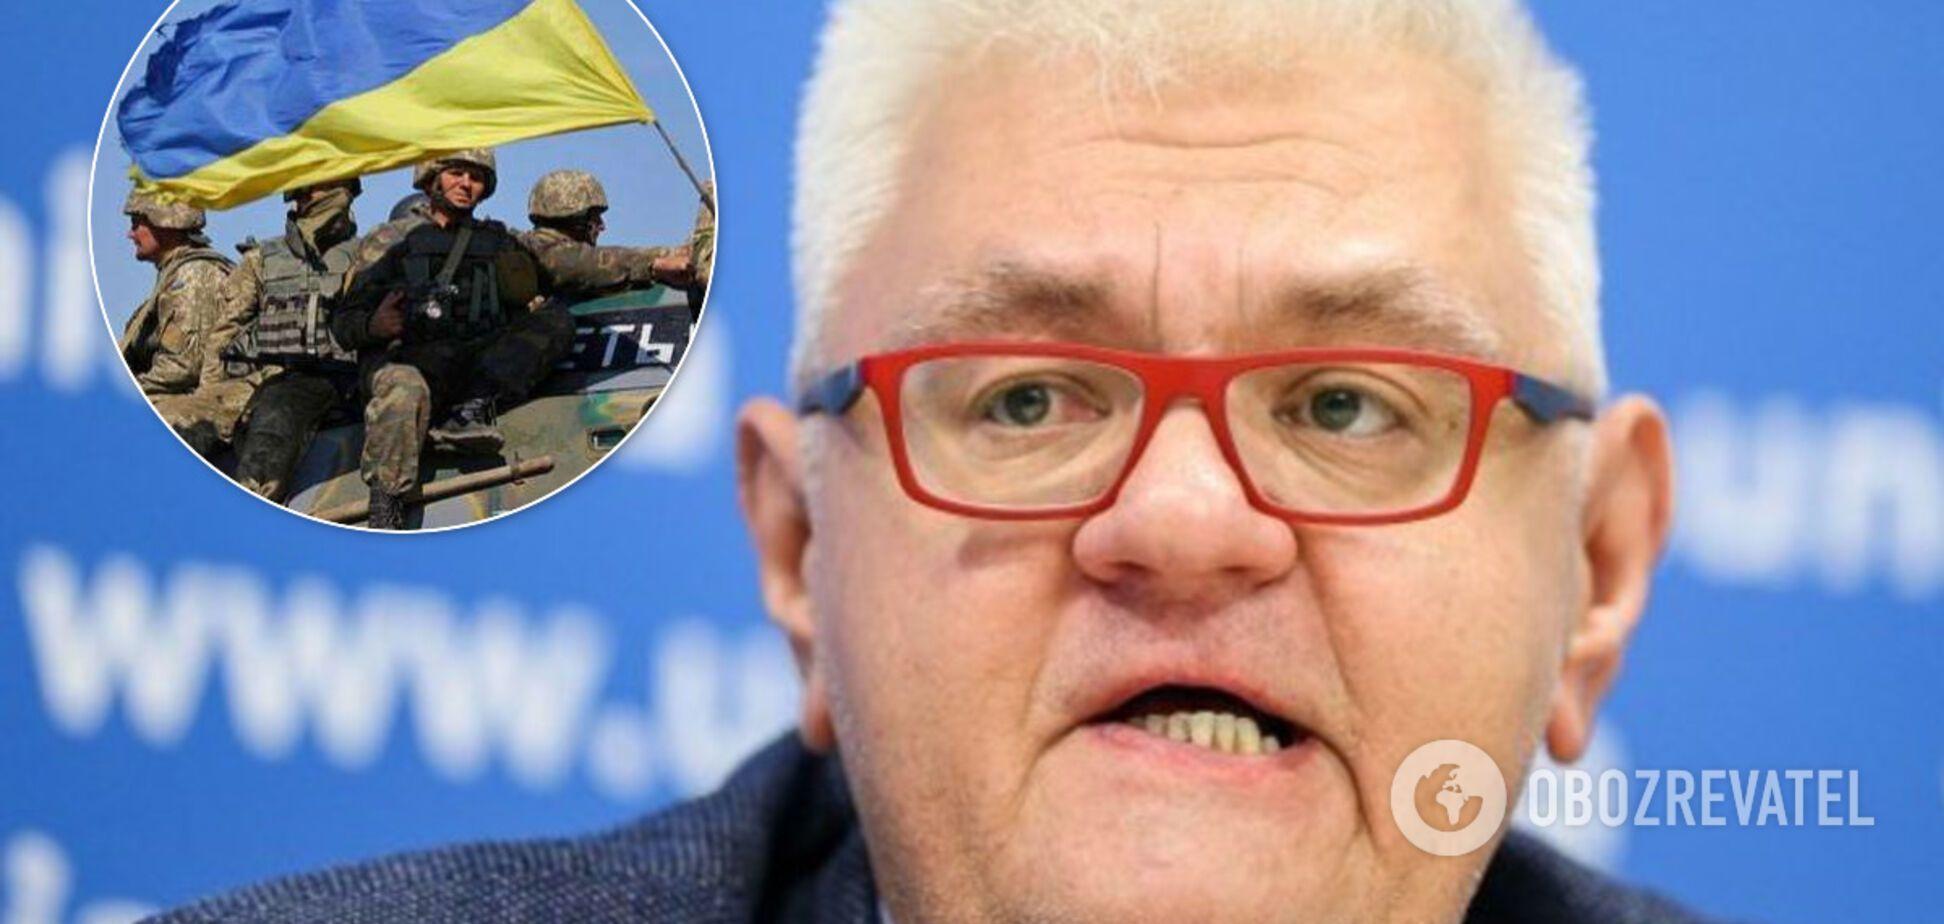 Сивохо звинуватив українську армію в мародерстві на Донбасі